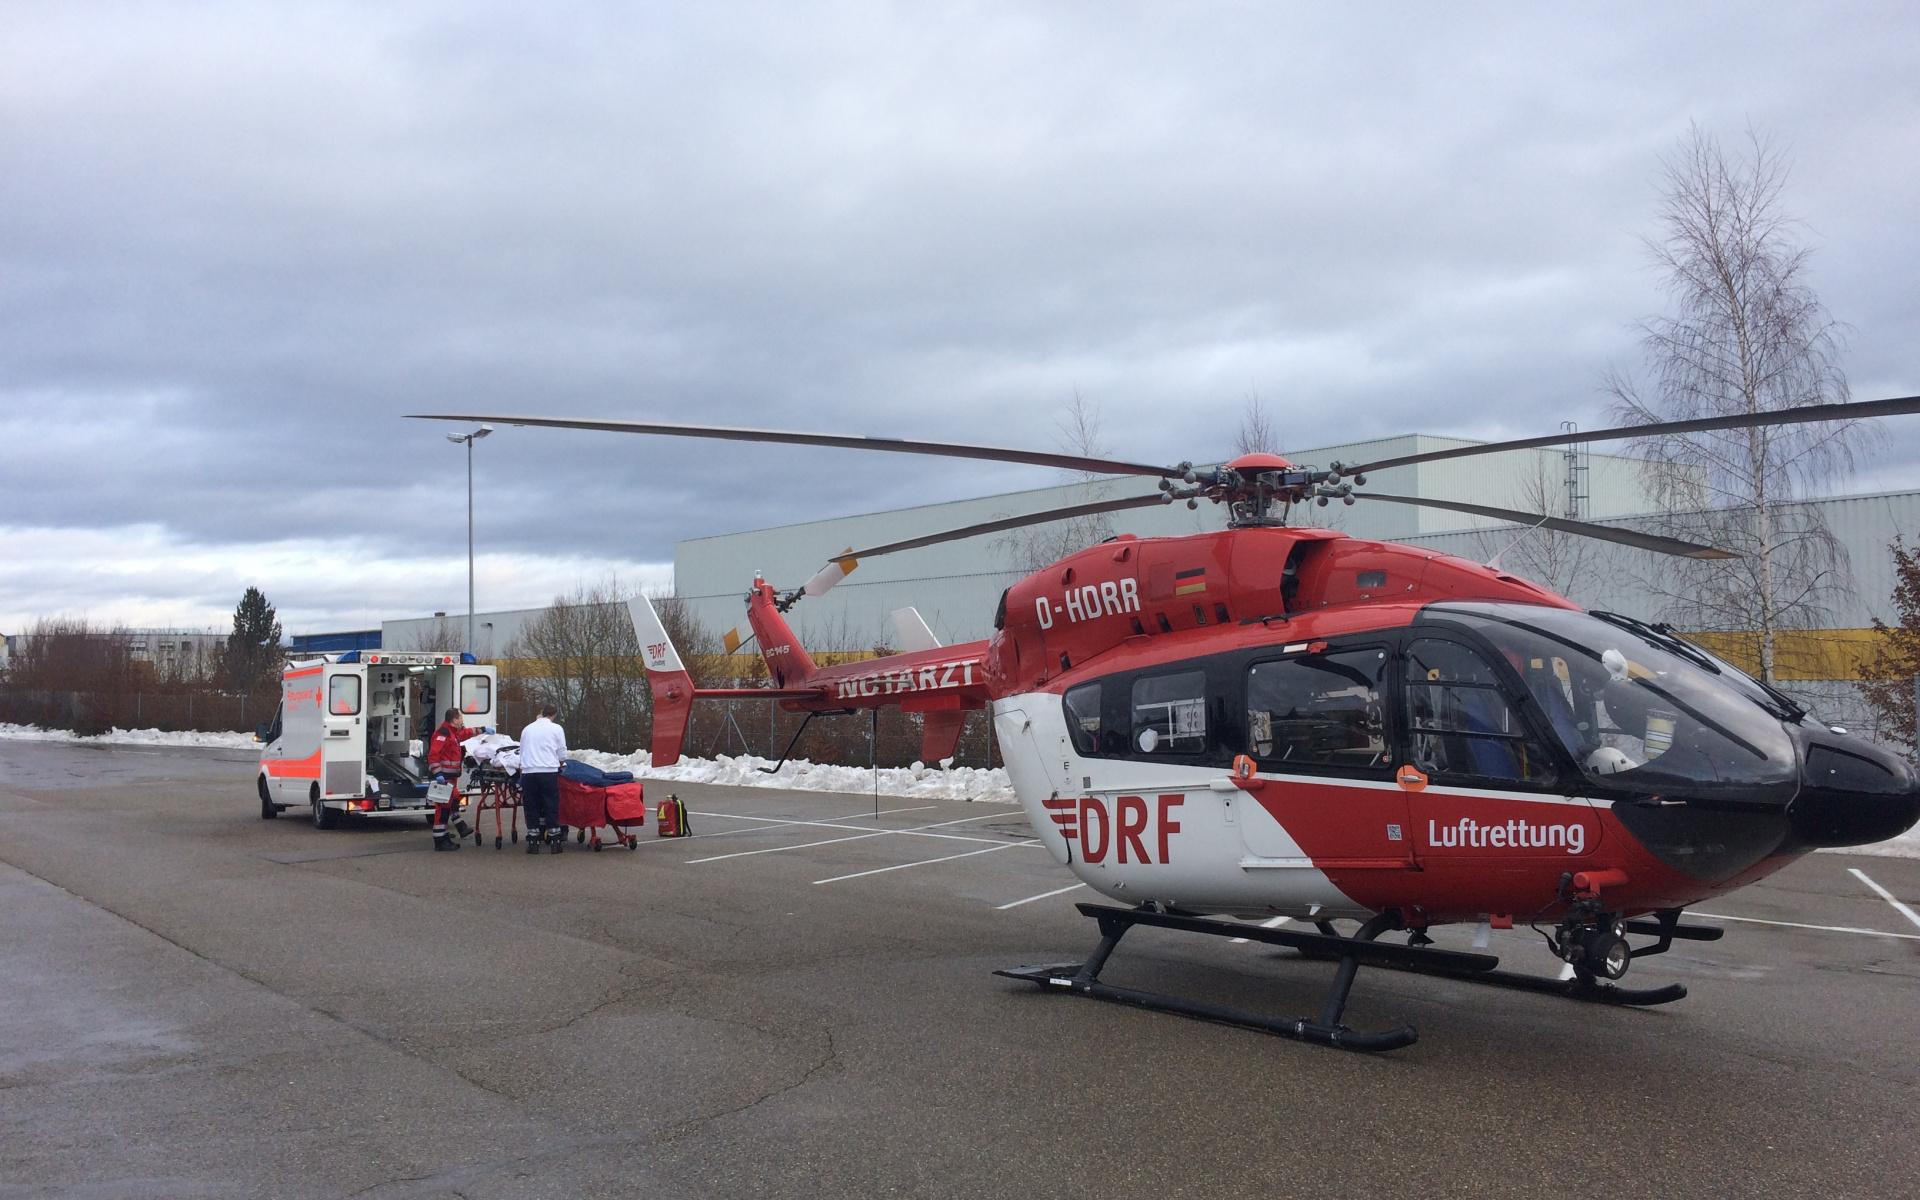 Eine Frau schwebt durch eine Hirnblutung in Lebensgefahr. Christoph 51, der Stuttgarter Hubschrauber der DRF Luftrettung, bringt sie nach der Untersuchung und Stabilisierung durch den Hubschrauberarzt schnell in eine Spezialklinik.